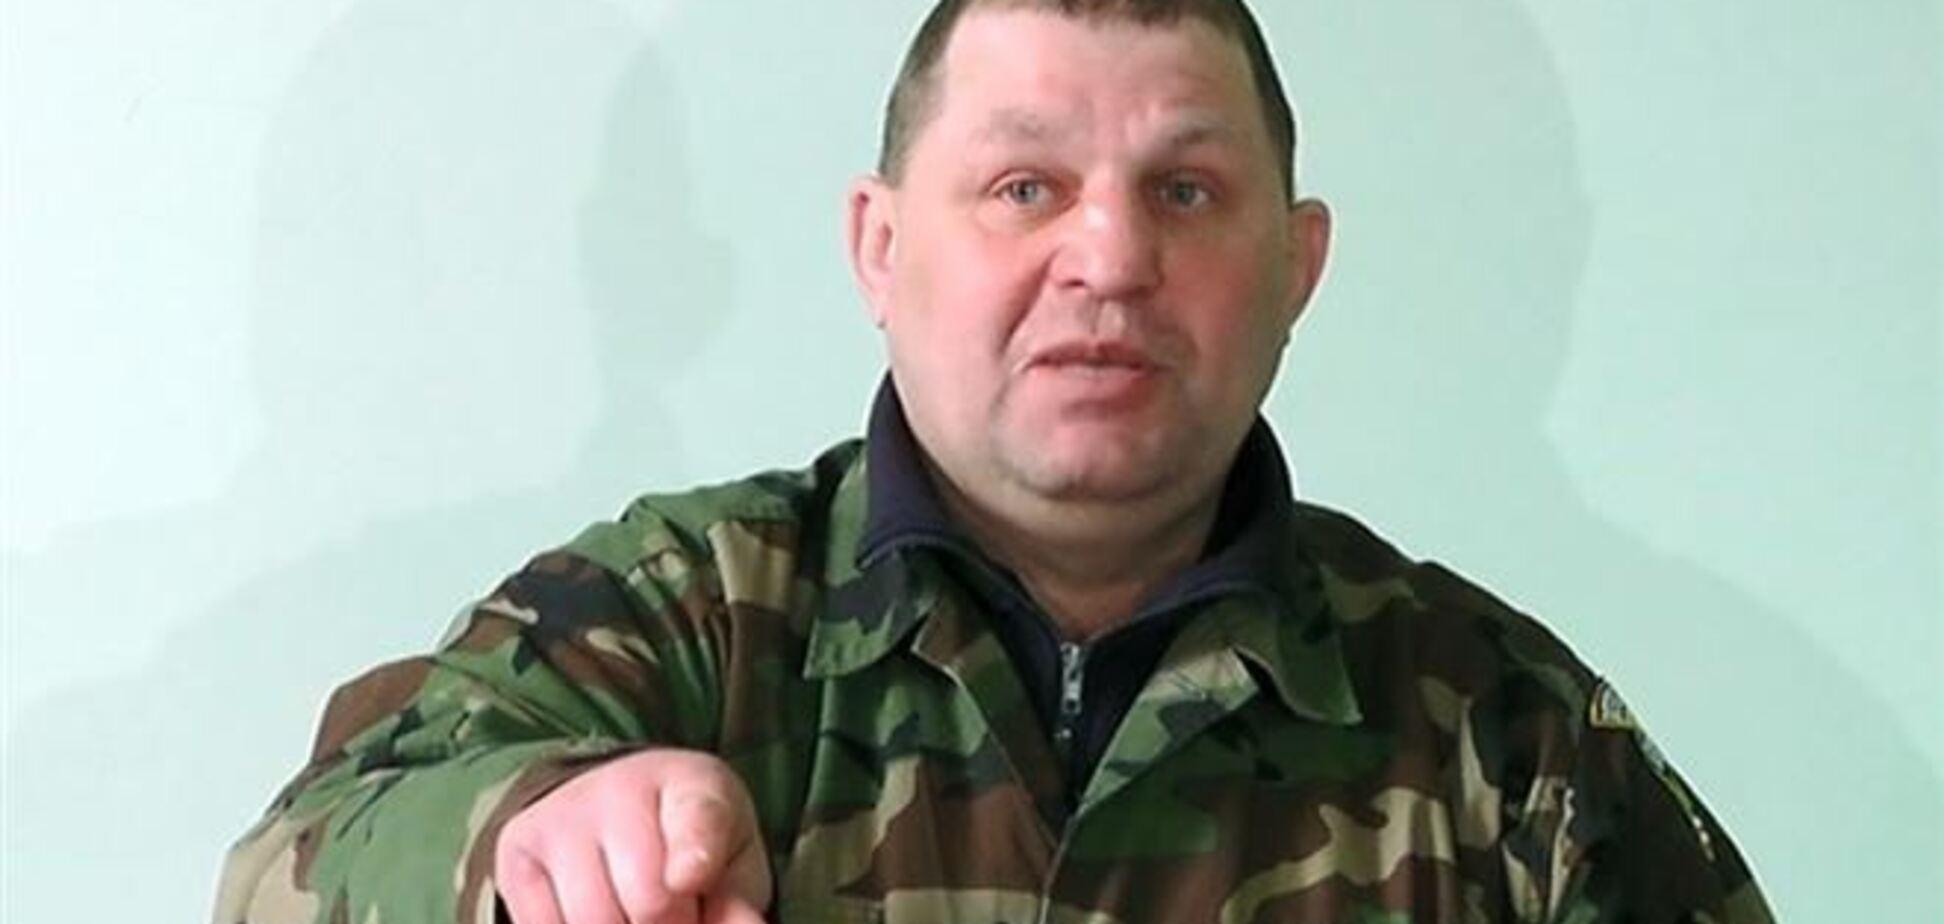 Российские спецслужбы хотели установить контакт с Сашей Белым - СБУ